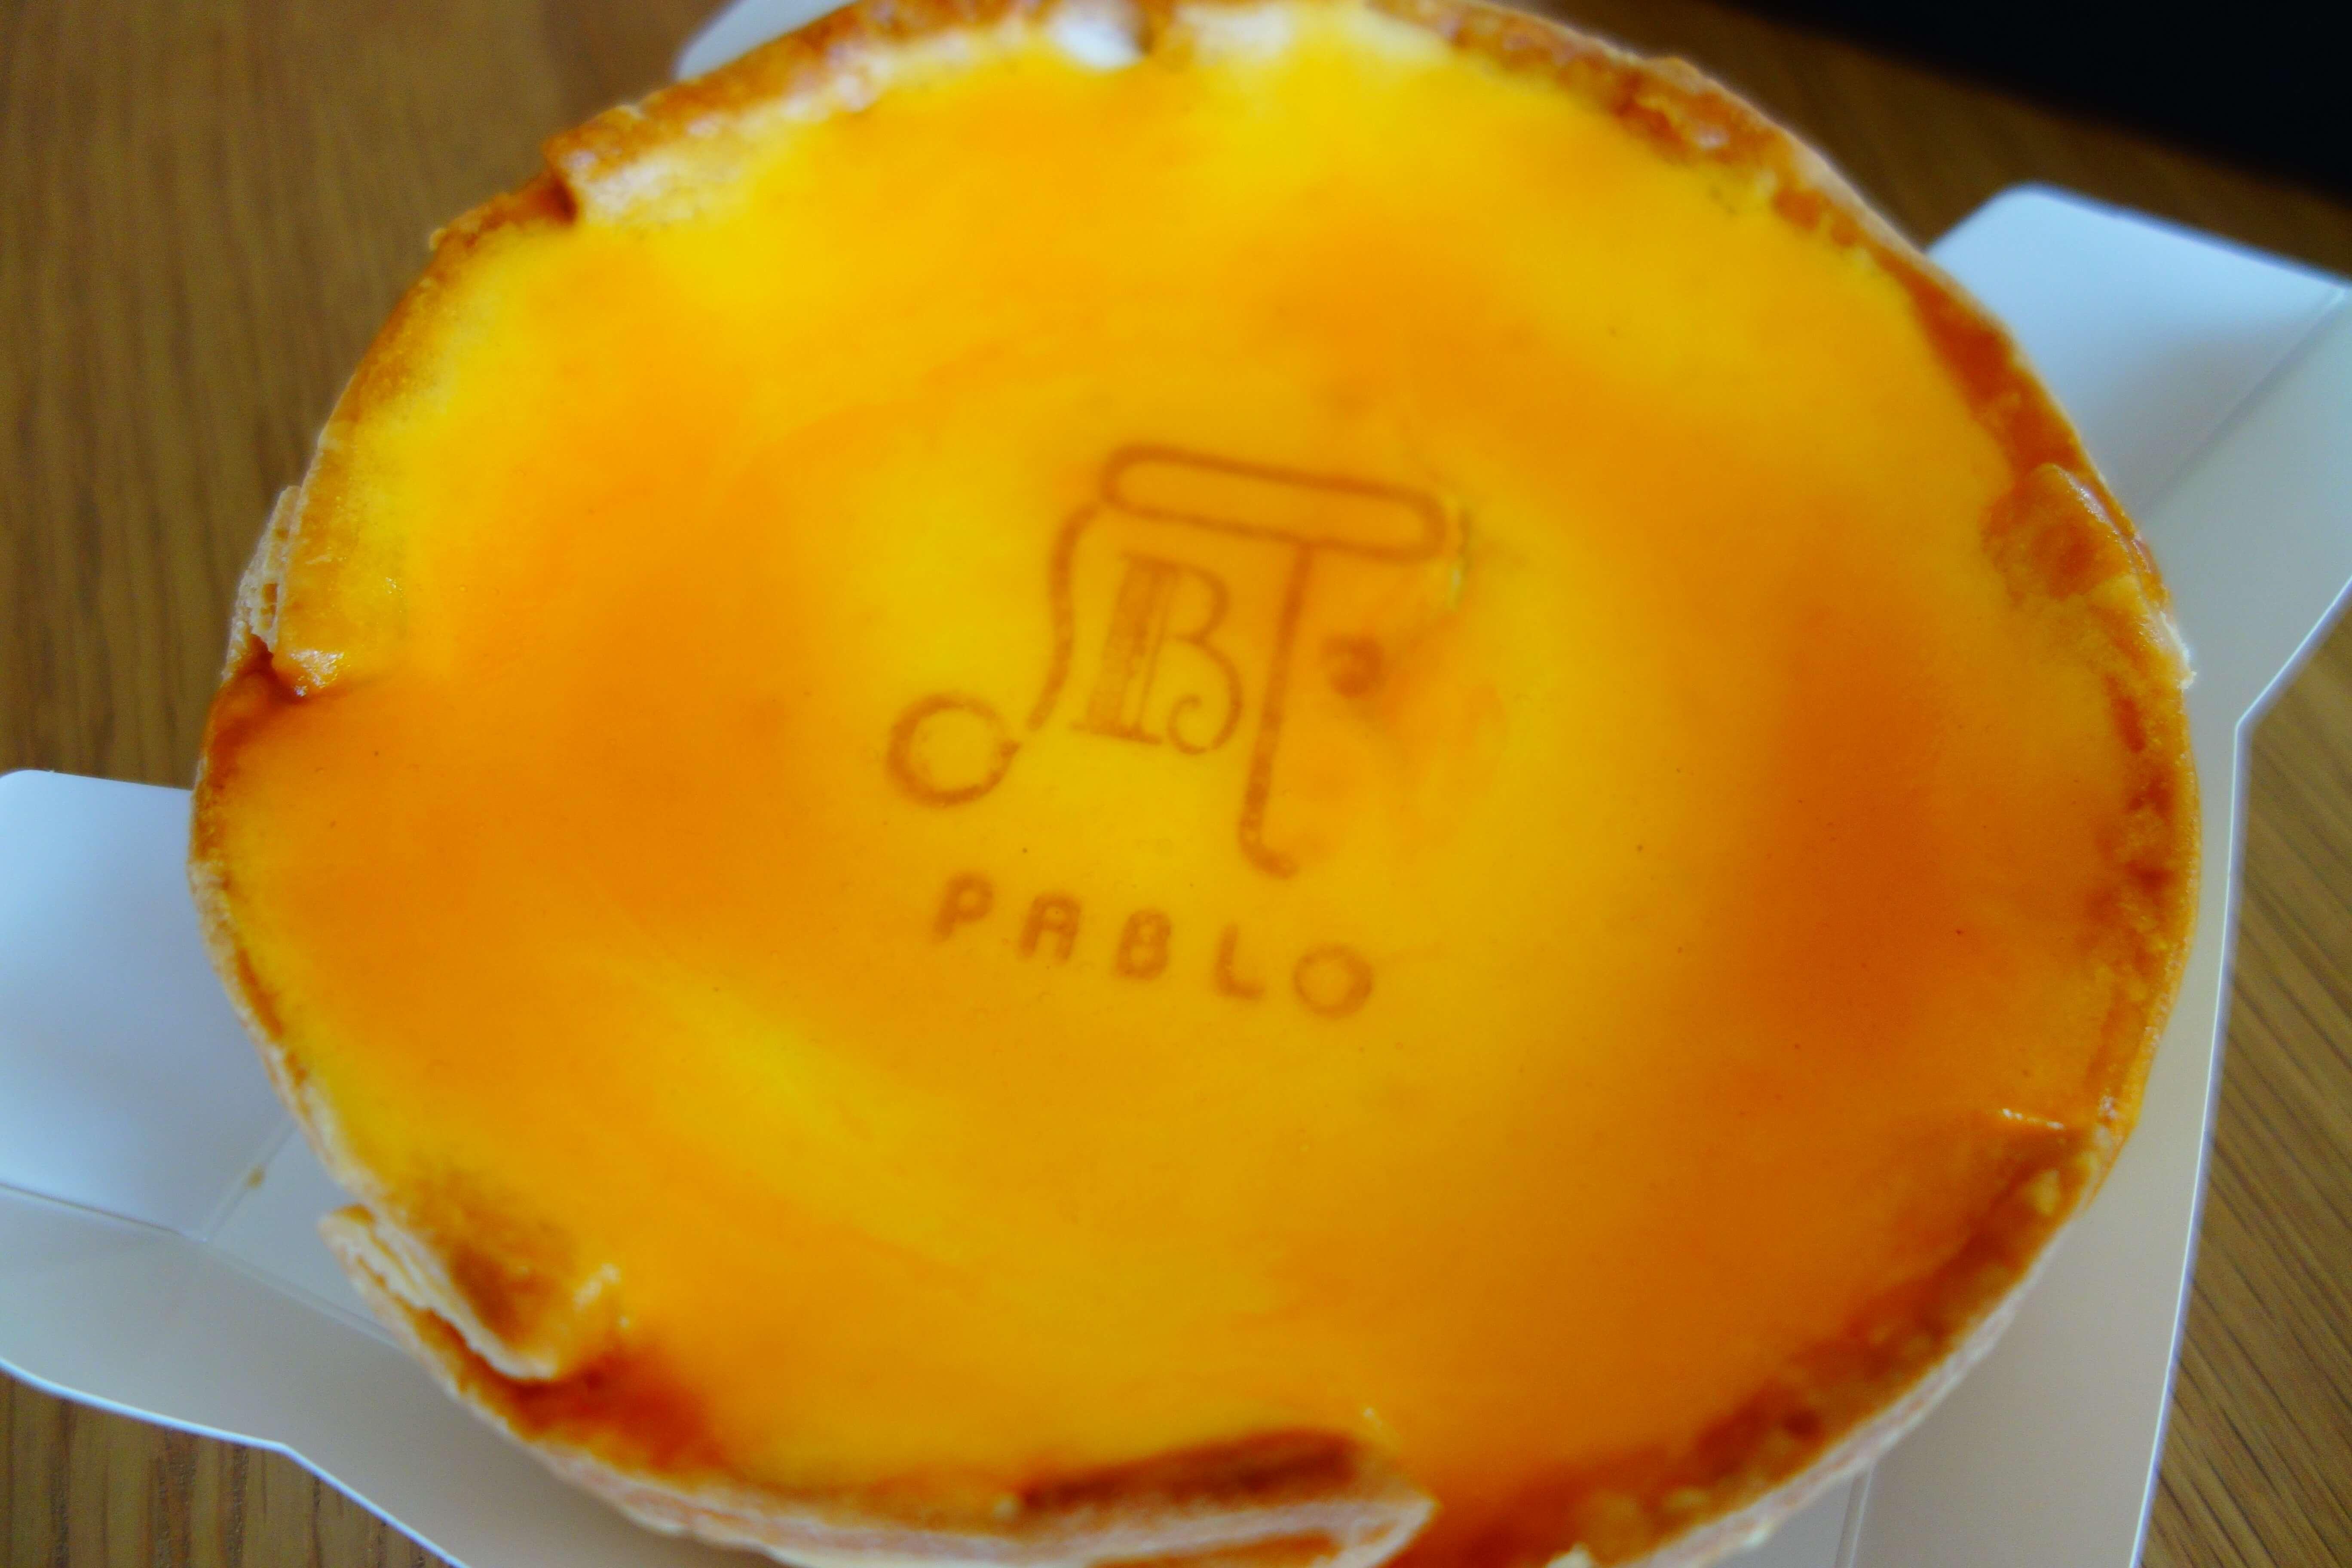 PABLO(パブロ)|金沢市にある焼きたてチーズケーキで革命を!とろける食感のレアを味わう